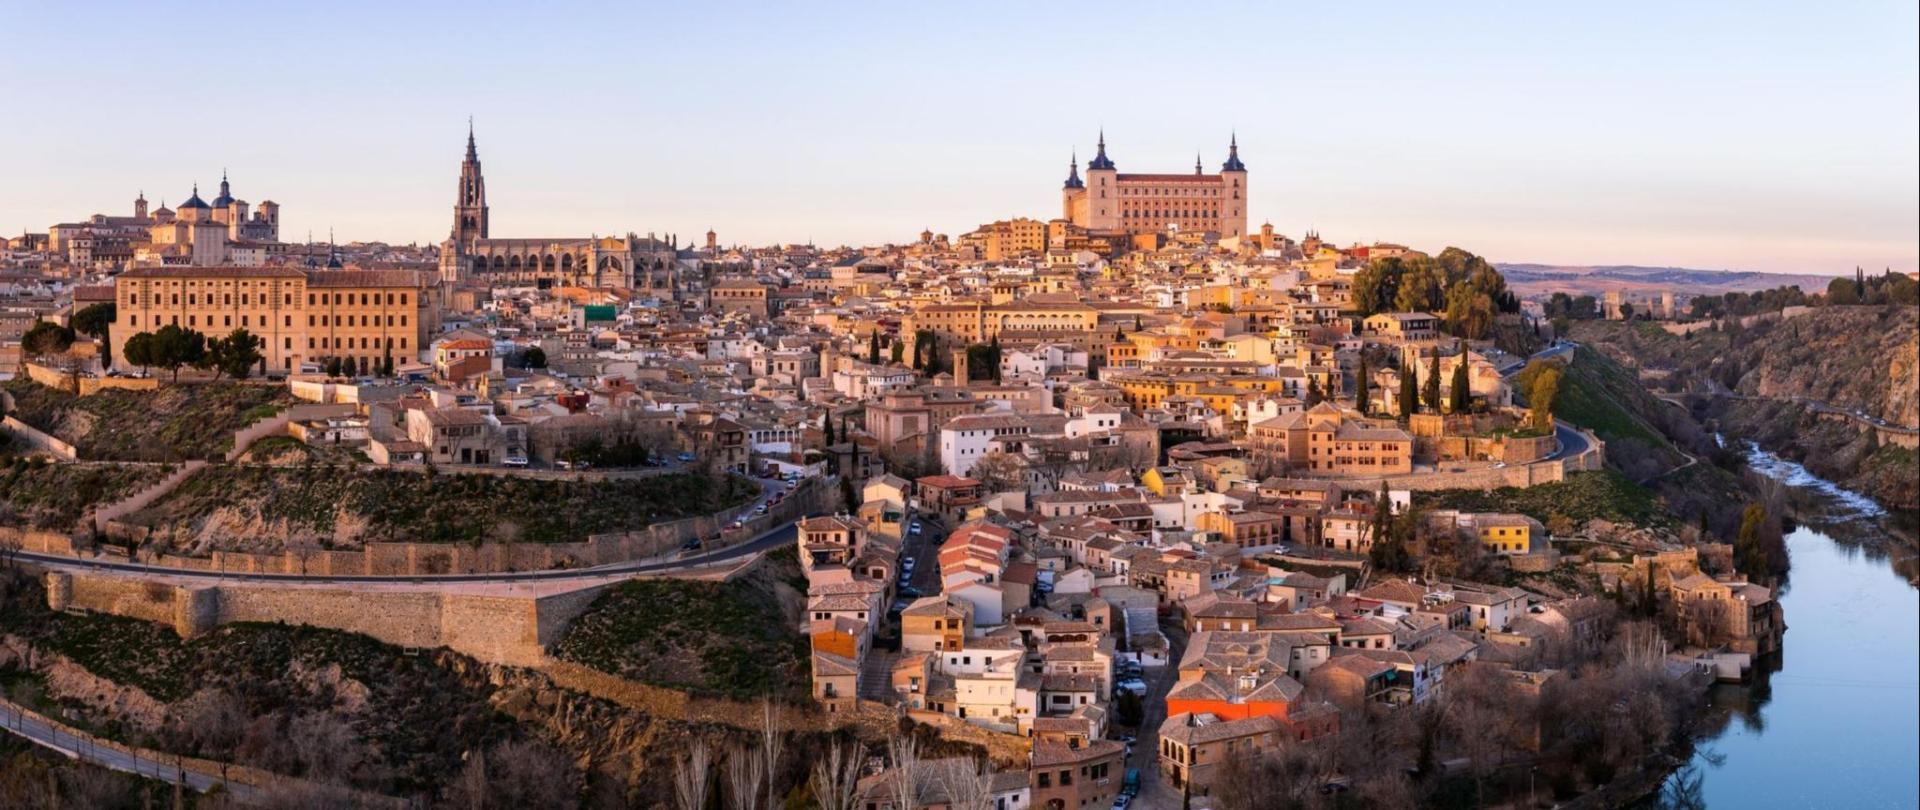 toledo-madrid-tiempo-turismo-espan-a-que-ver-un-dia-como-llegar-hoteles-esquire-1548338989.jpg